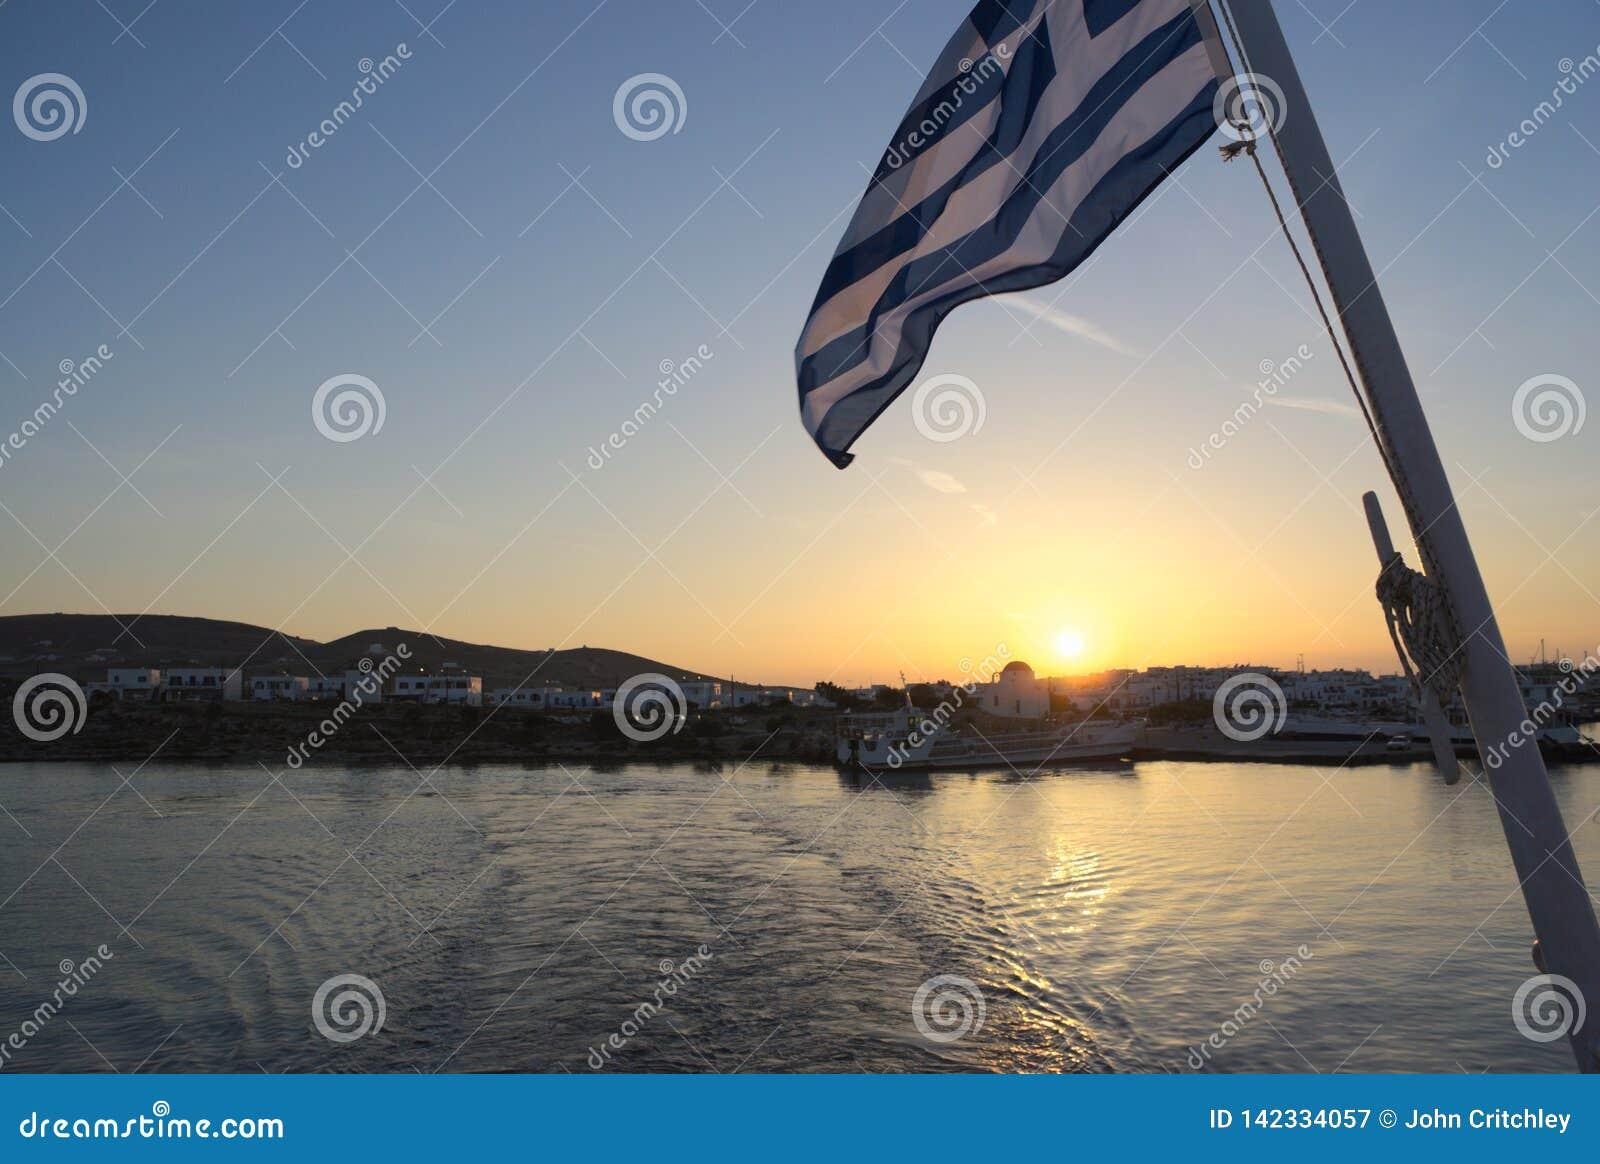 La Grecia, Paros, bandiera greca al tramonto sul traghetto